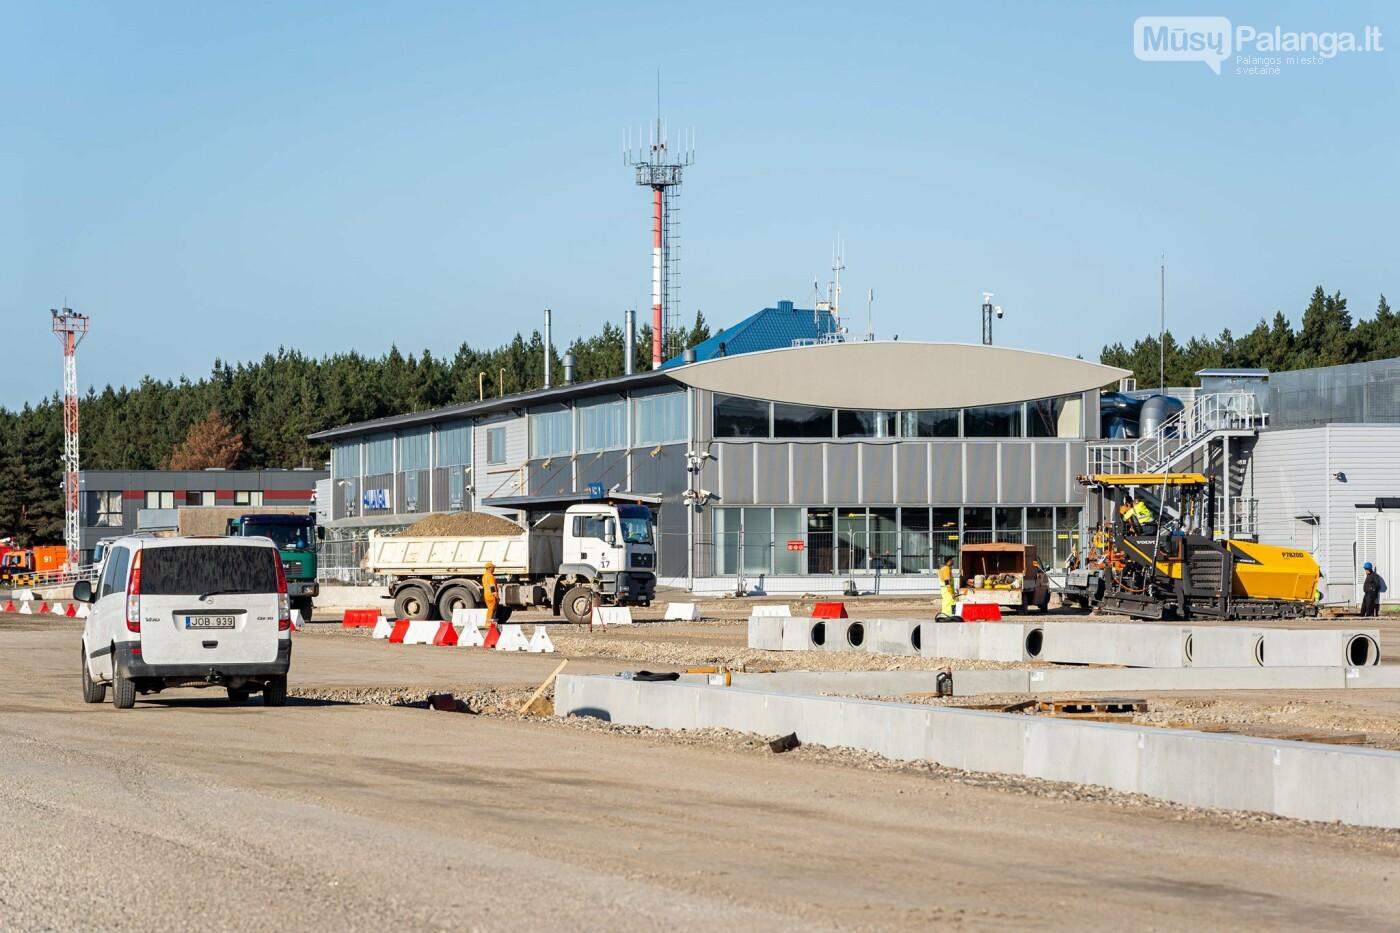 Palangos oro uosto rekonstrukcijoje - tarpinis finišas: baigti kilimo-tūpimo tako asfaltavimo darbai, nuotrauka-10